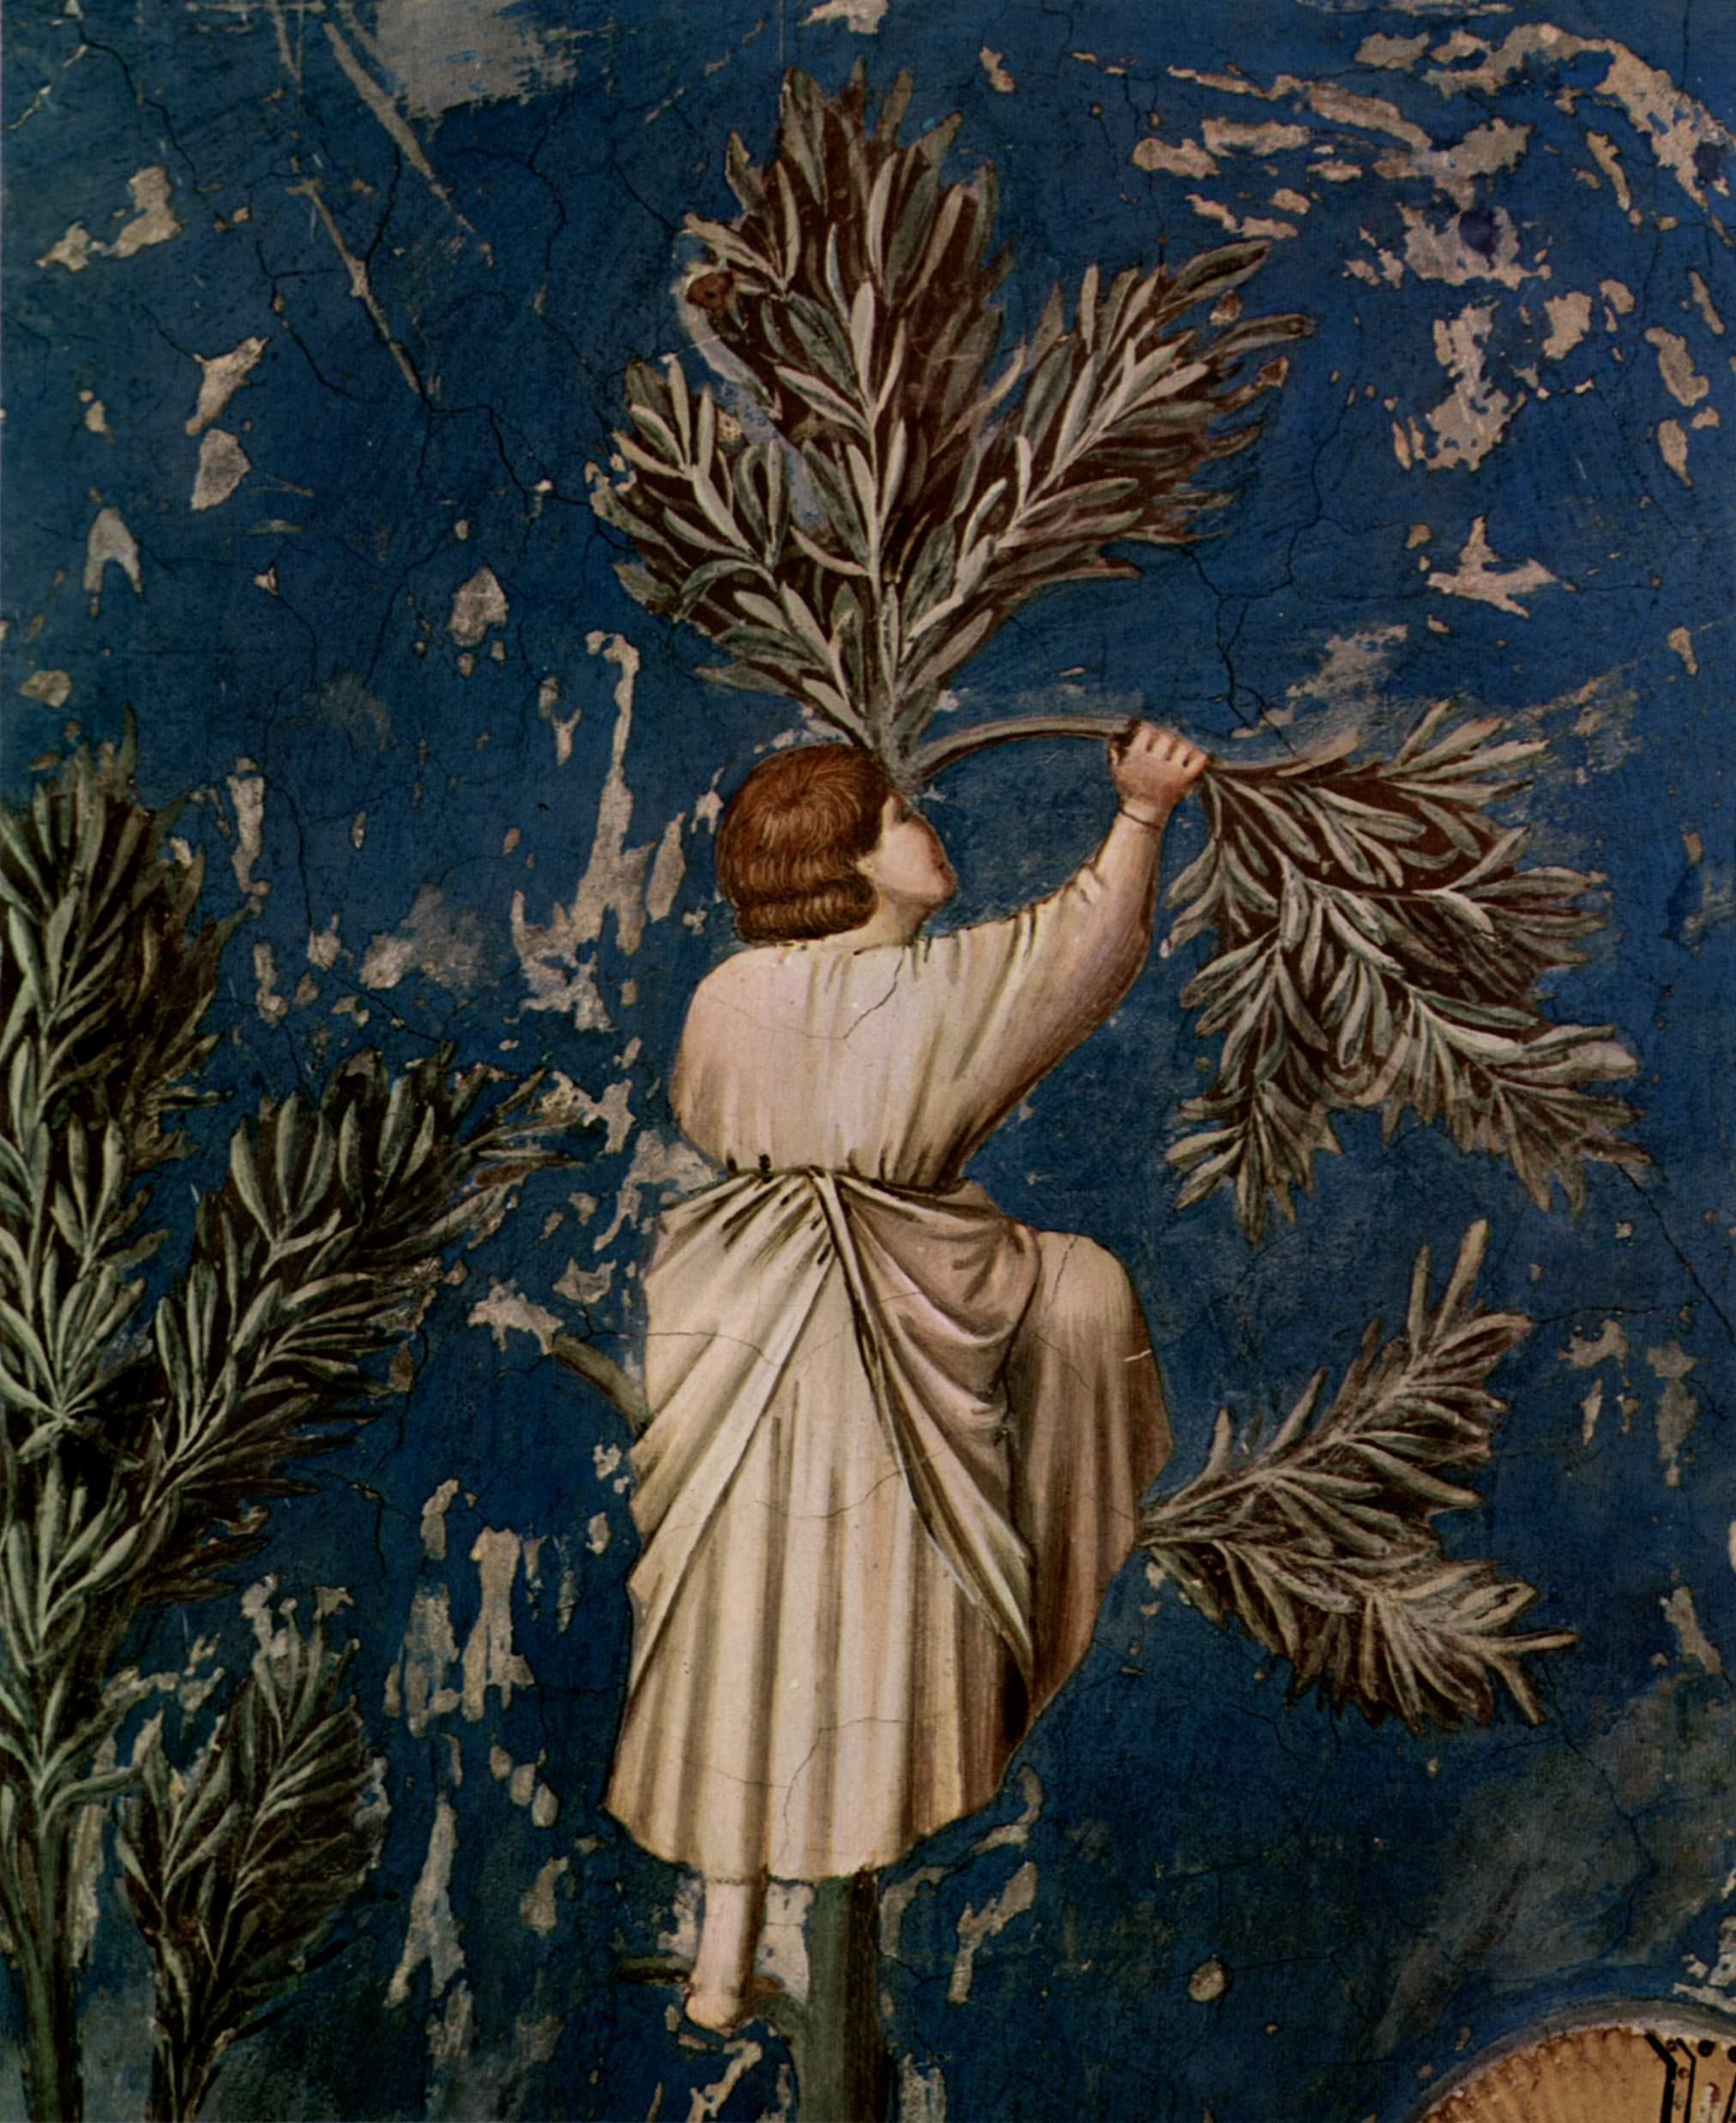 Цикл фресок капеллы Арена [28] в Падуе (капелла Скровеньи). Оплакивание Христа. Фрагмент. Скорбящий, Джотто ди Бондоне